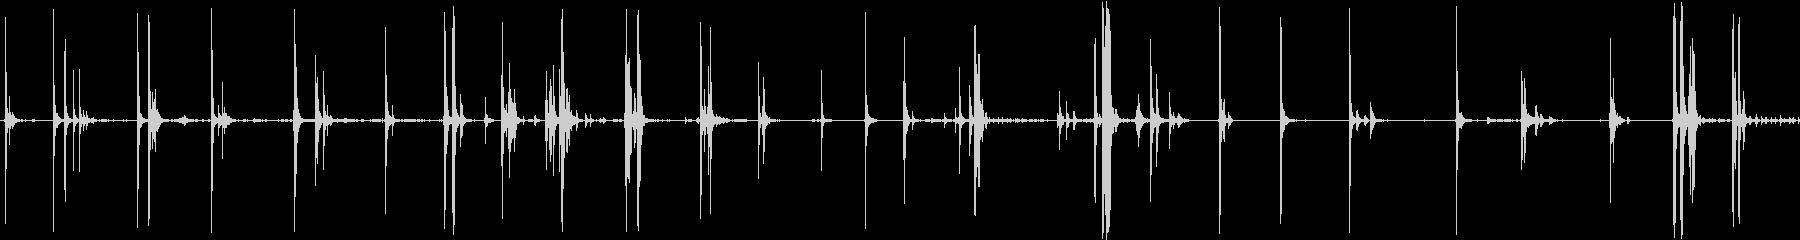 ジム木製クランクの未再生の波形